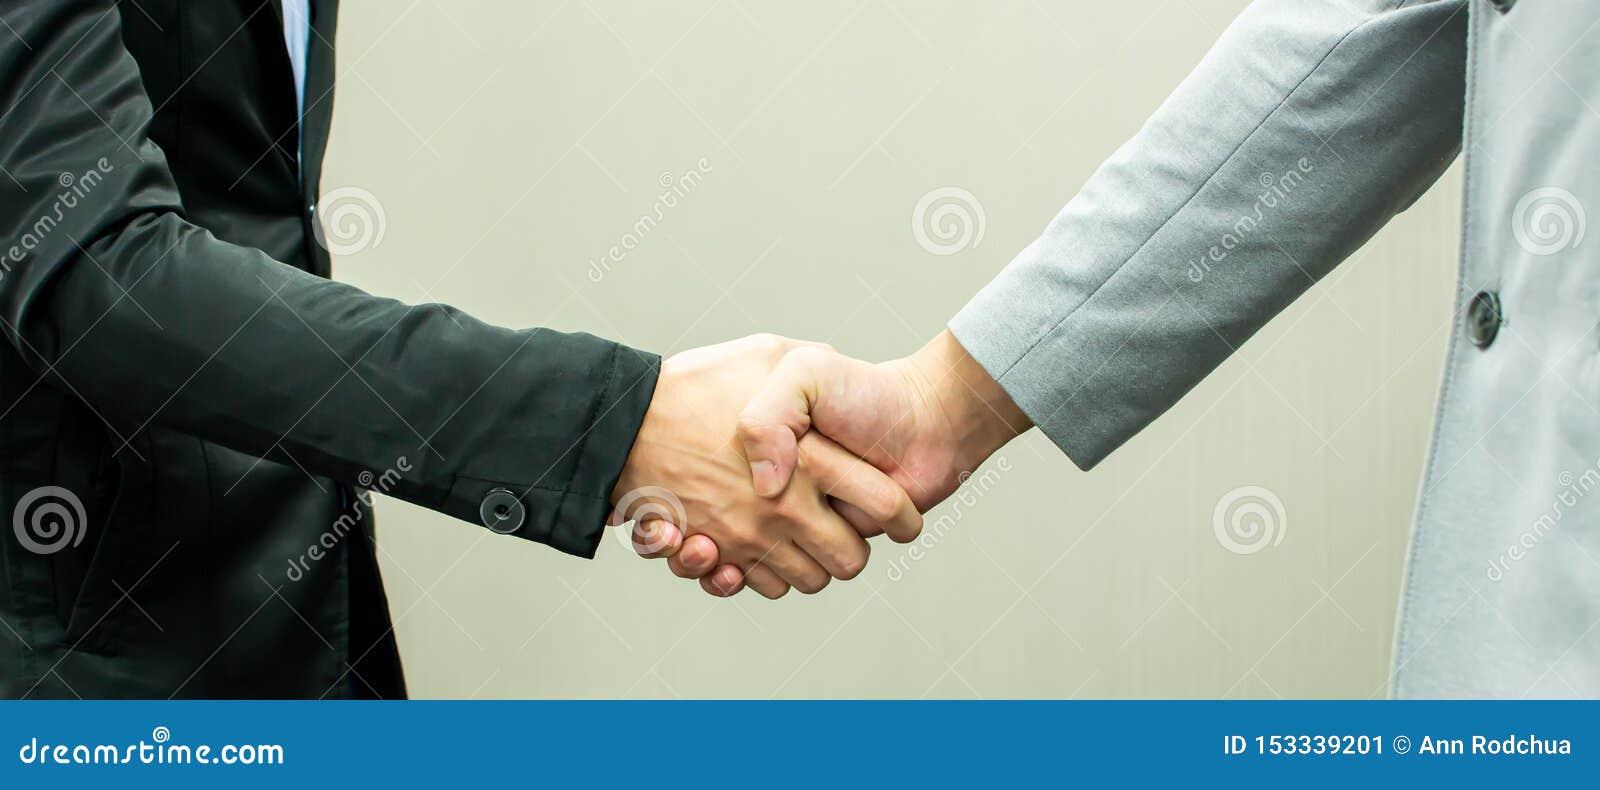 Handskakning av män för affärsöverenskommelse